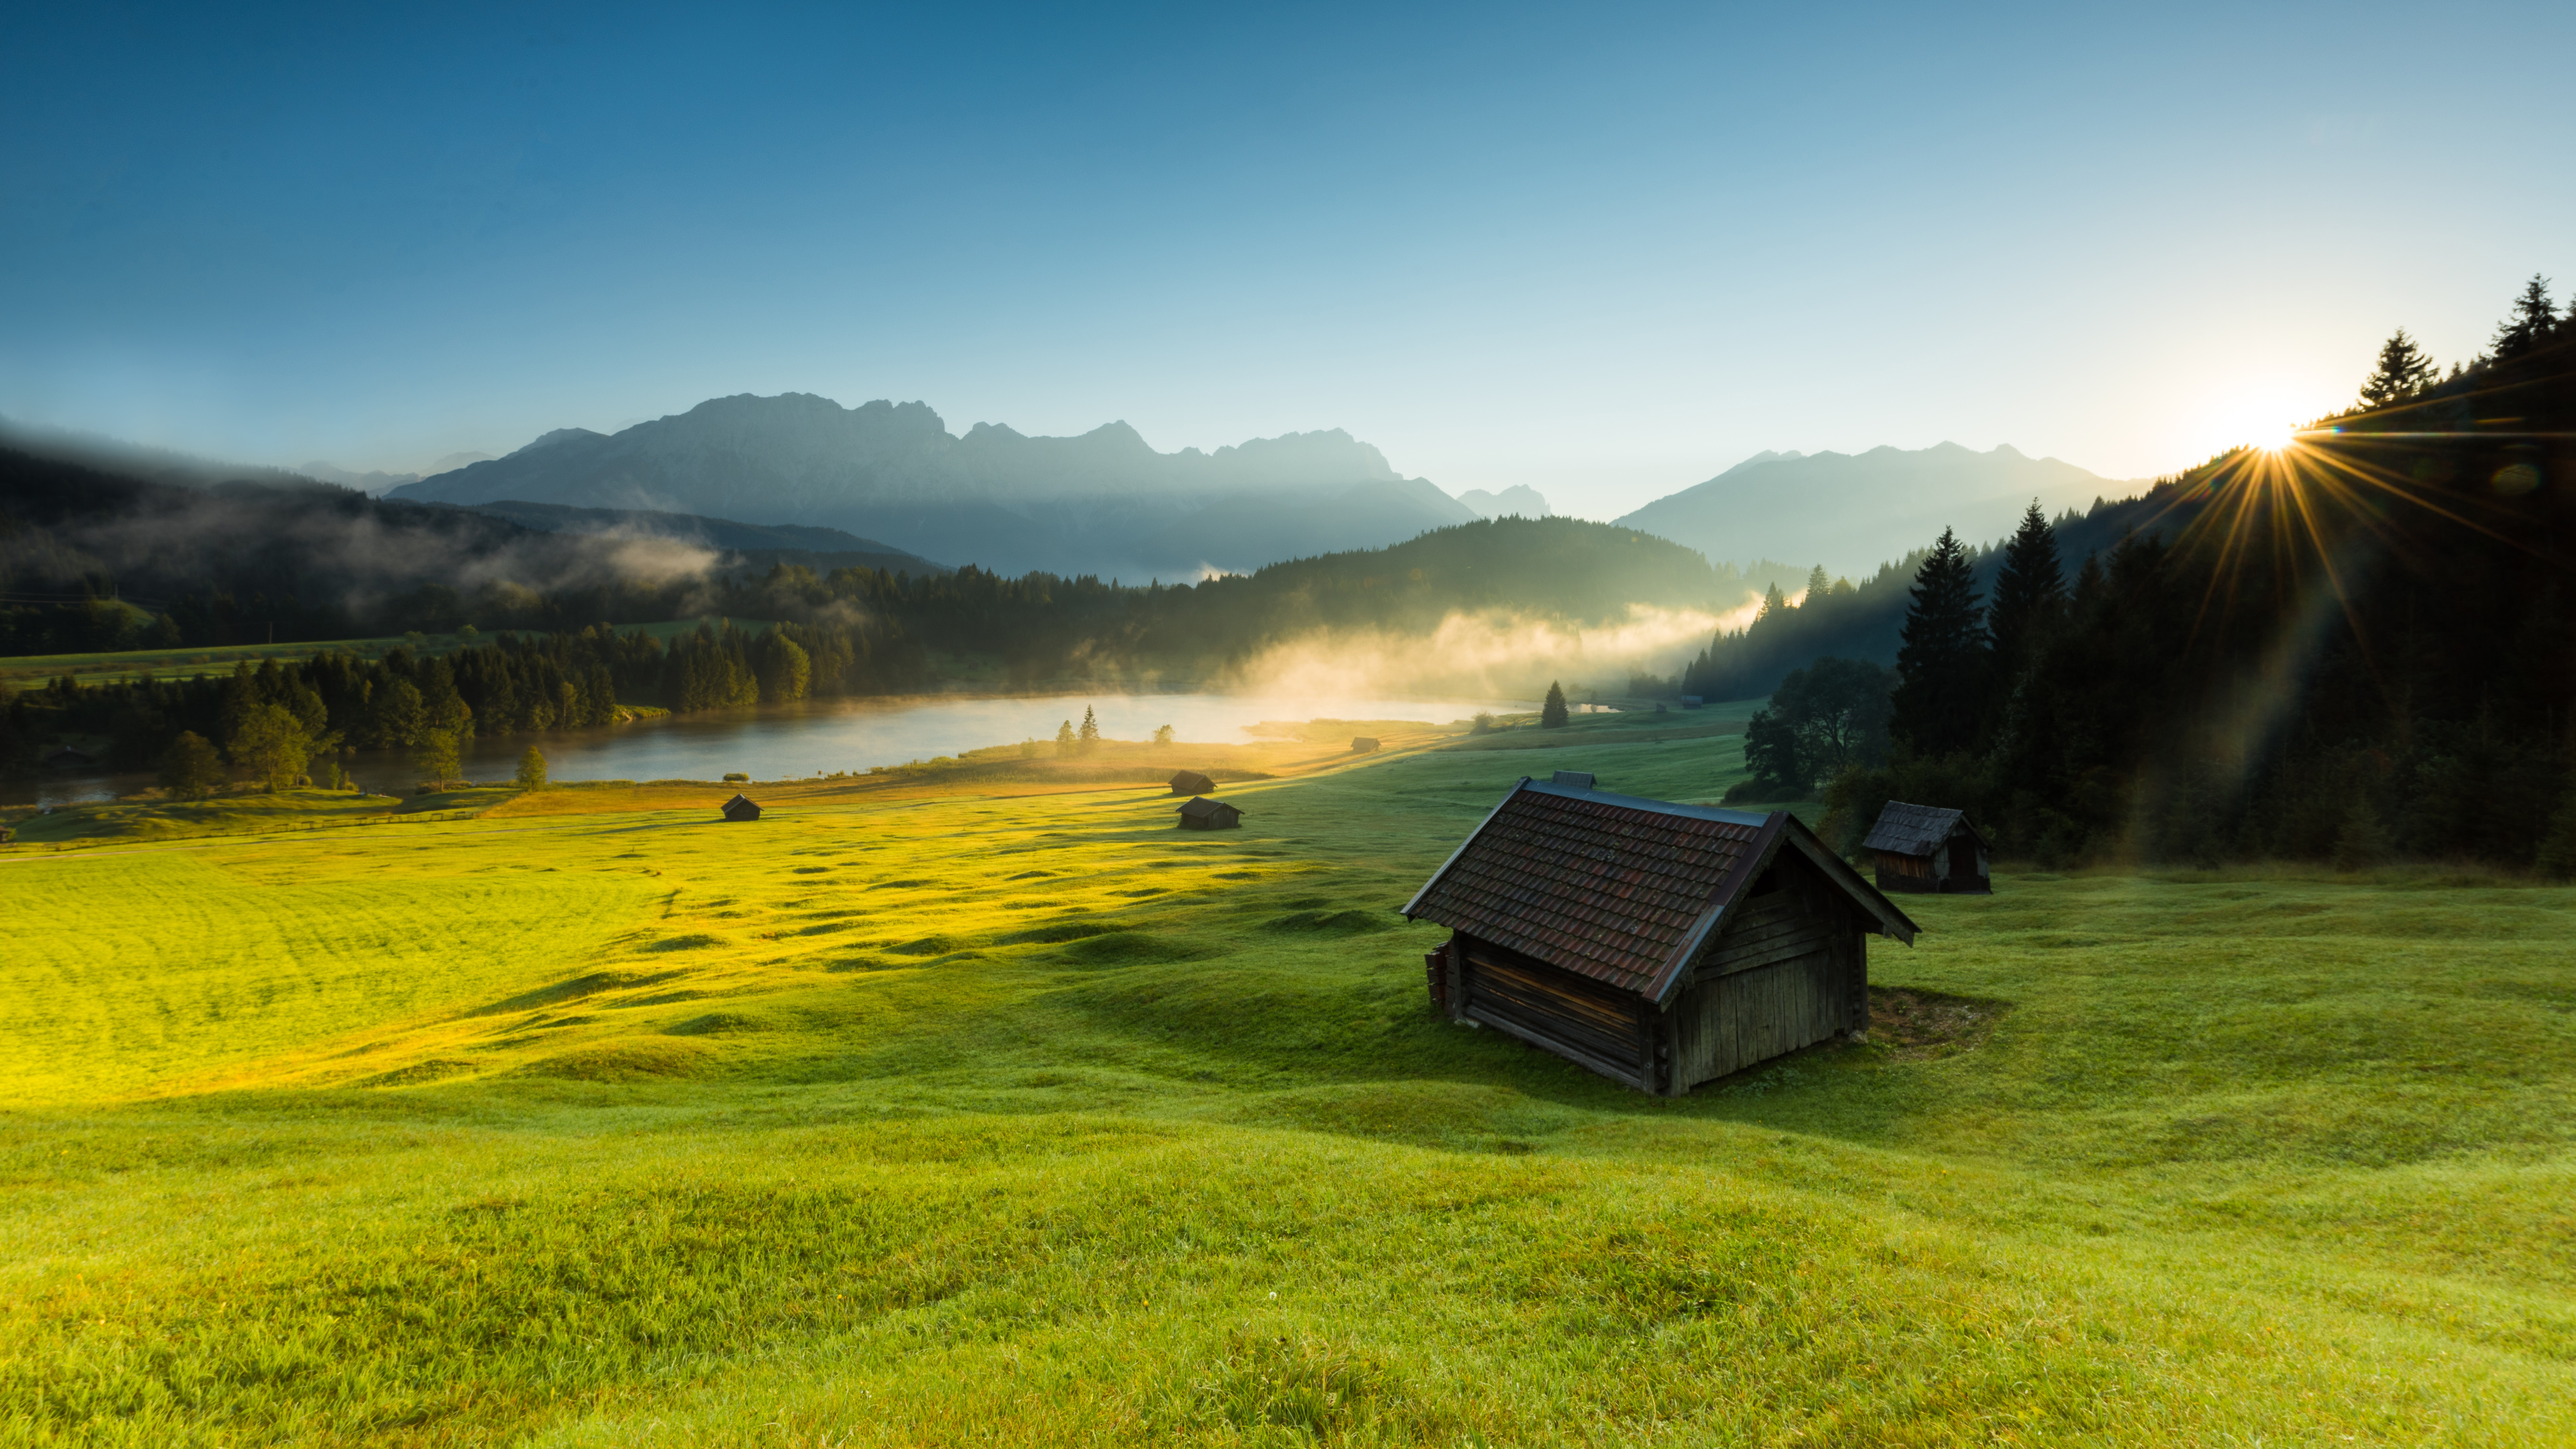 домики, горы, трава  № 307755 загрузить